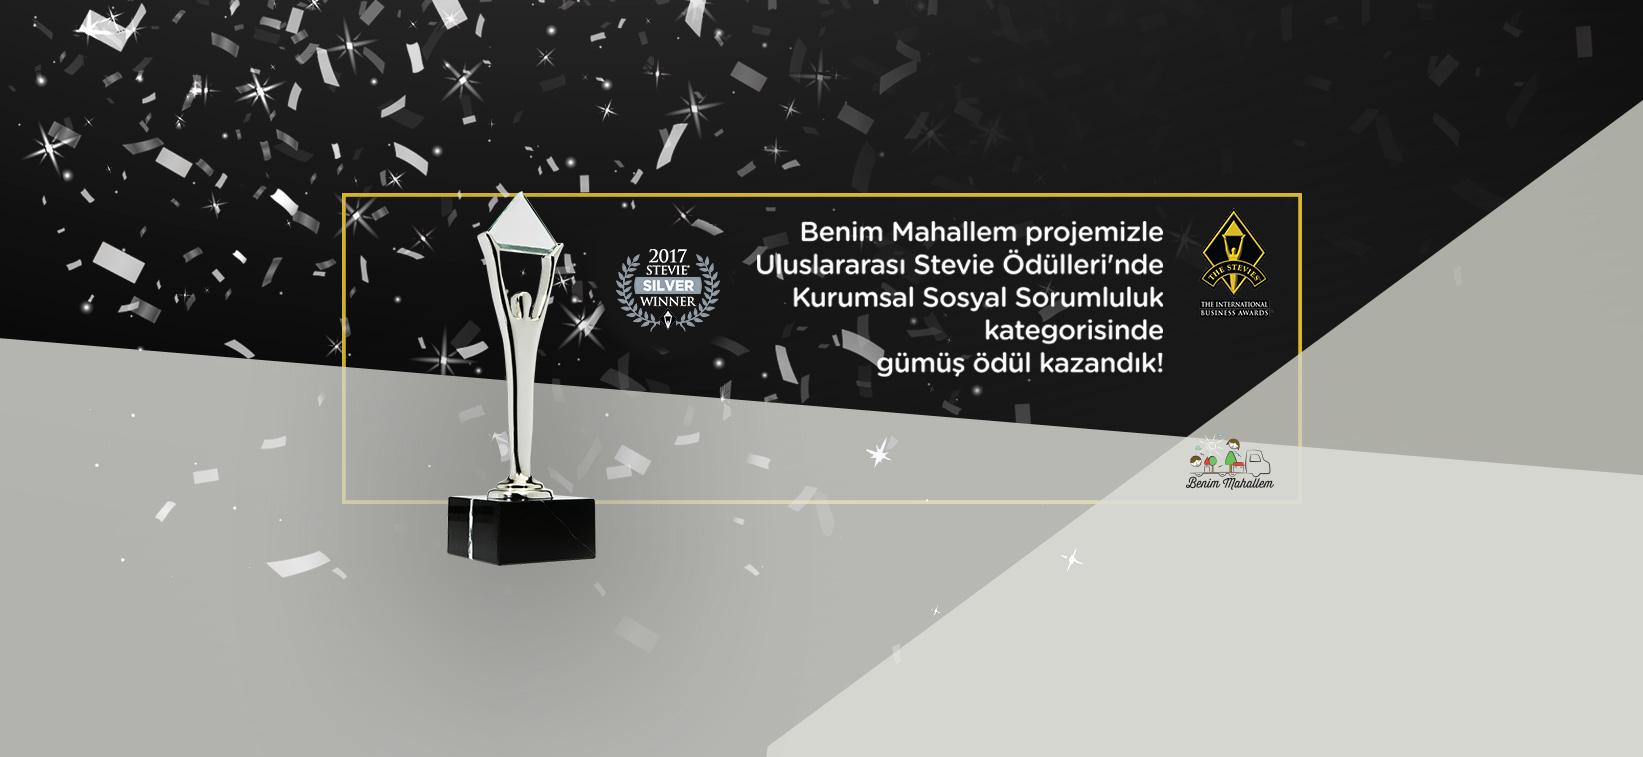 Akçansa Benim Mahallem Stevie Ödülü, kurumsal sosyal sorumluluk ödülü